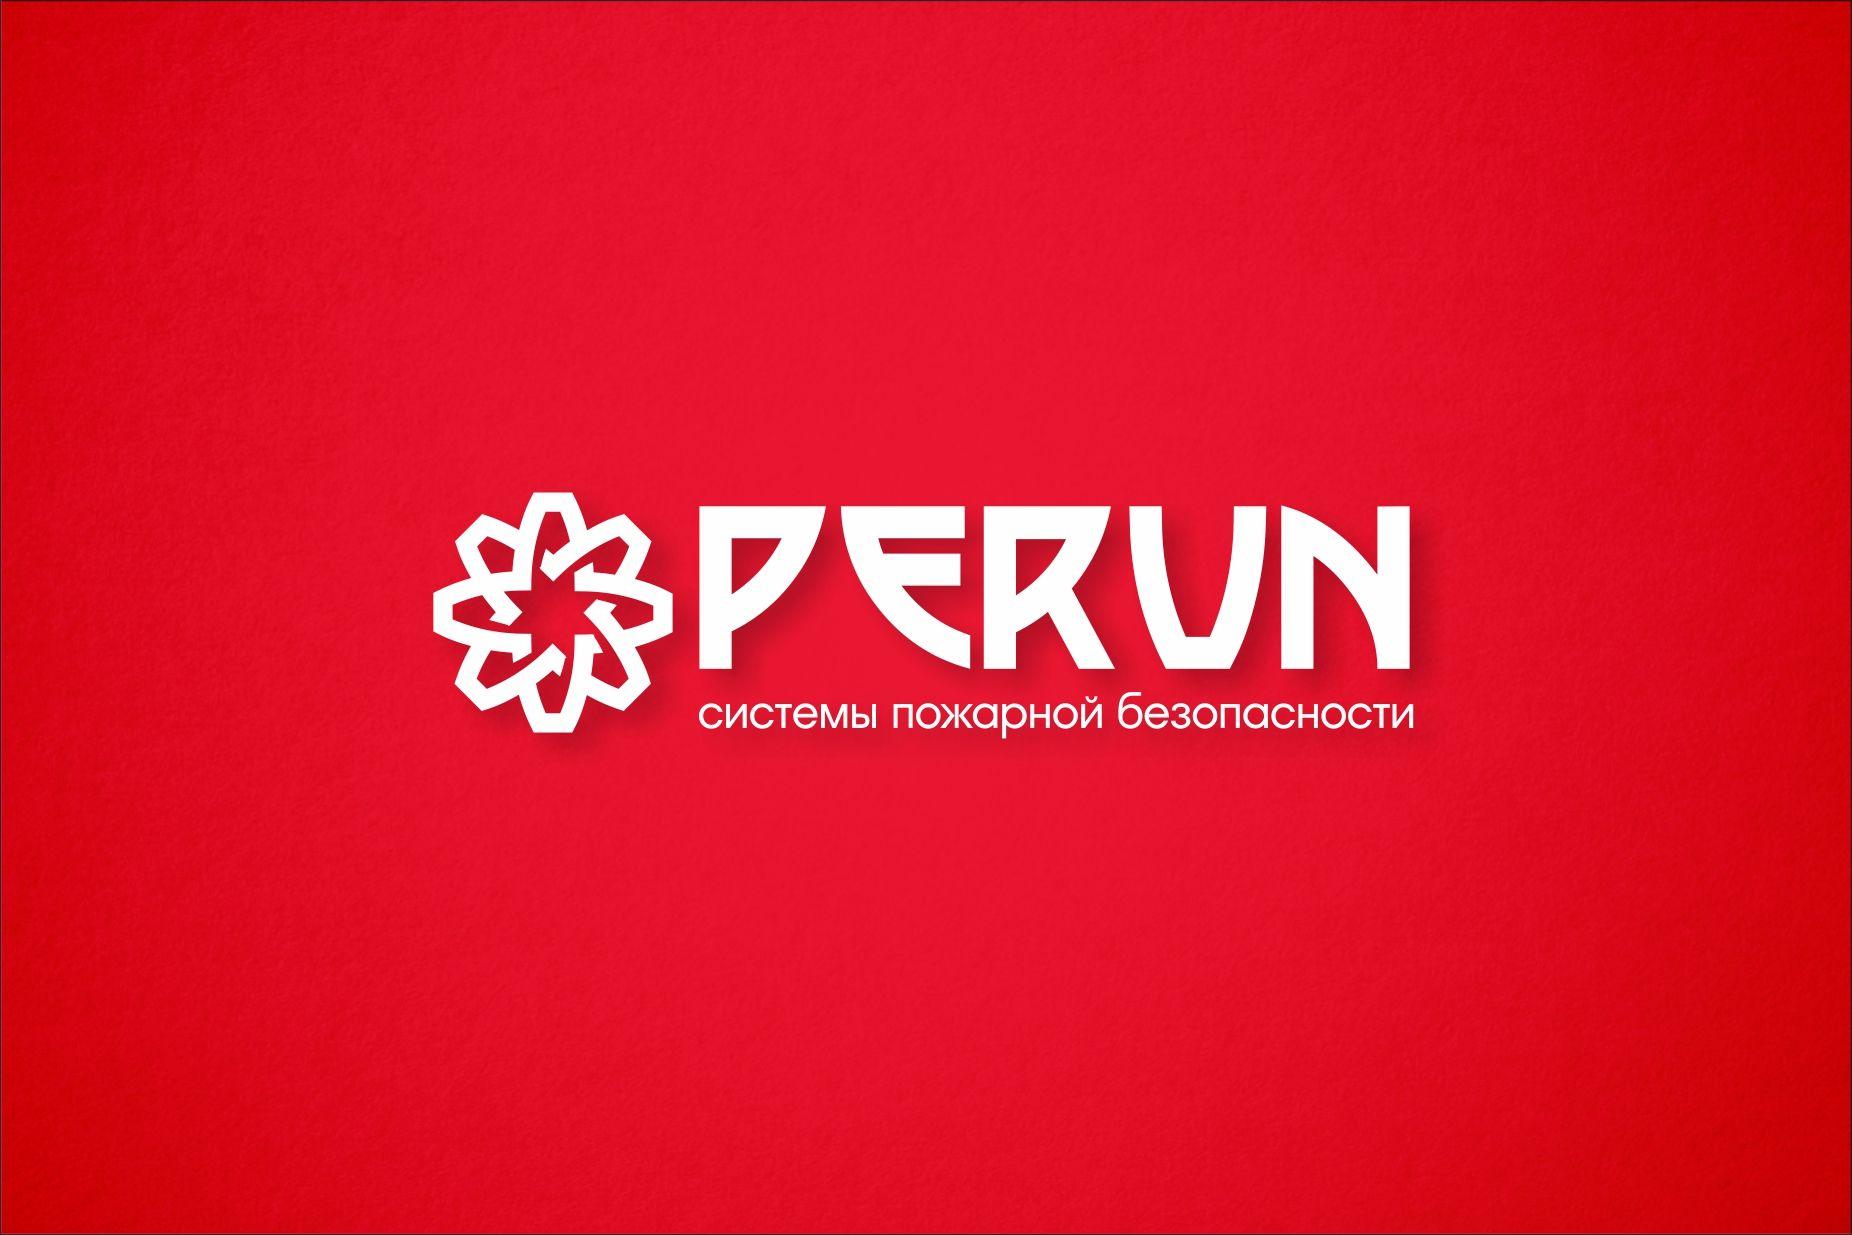 Логотип для компании пожарной безопасности Перун - дизайнер shgun